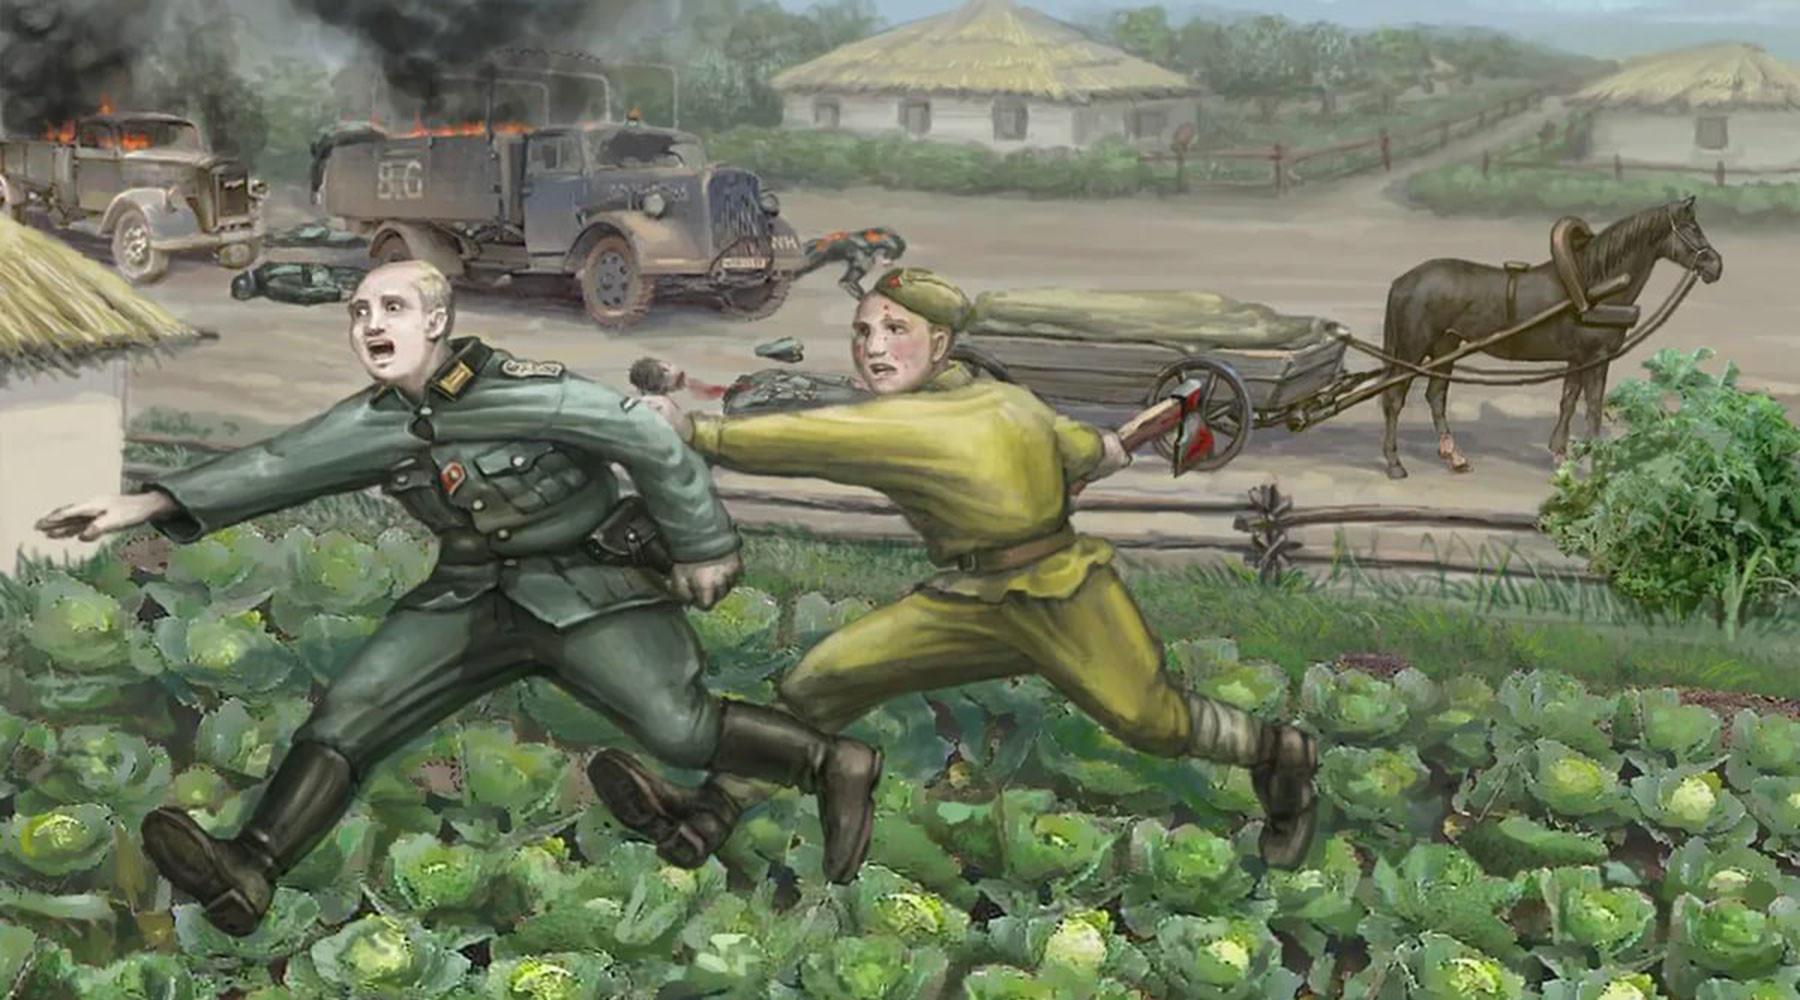 5a6c6a4d370f2cce4f8b45c9 «23 немца были убиты, остальные в панике бежали»: как советский солдат смог в одиночку расправиться с отрядом фашистов